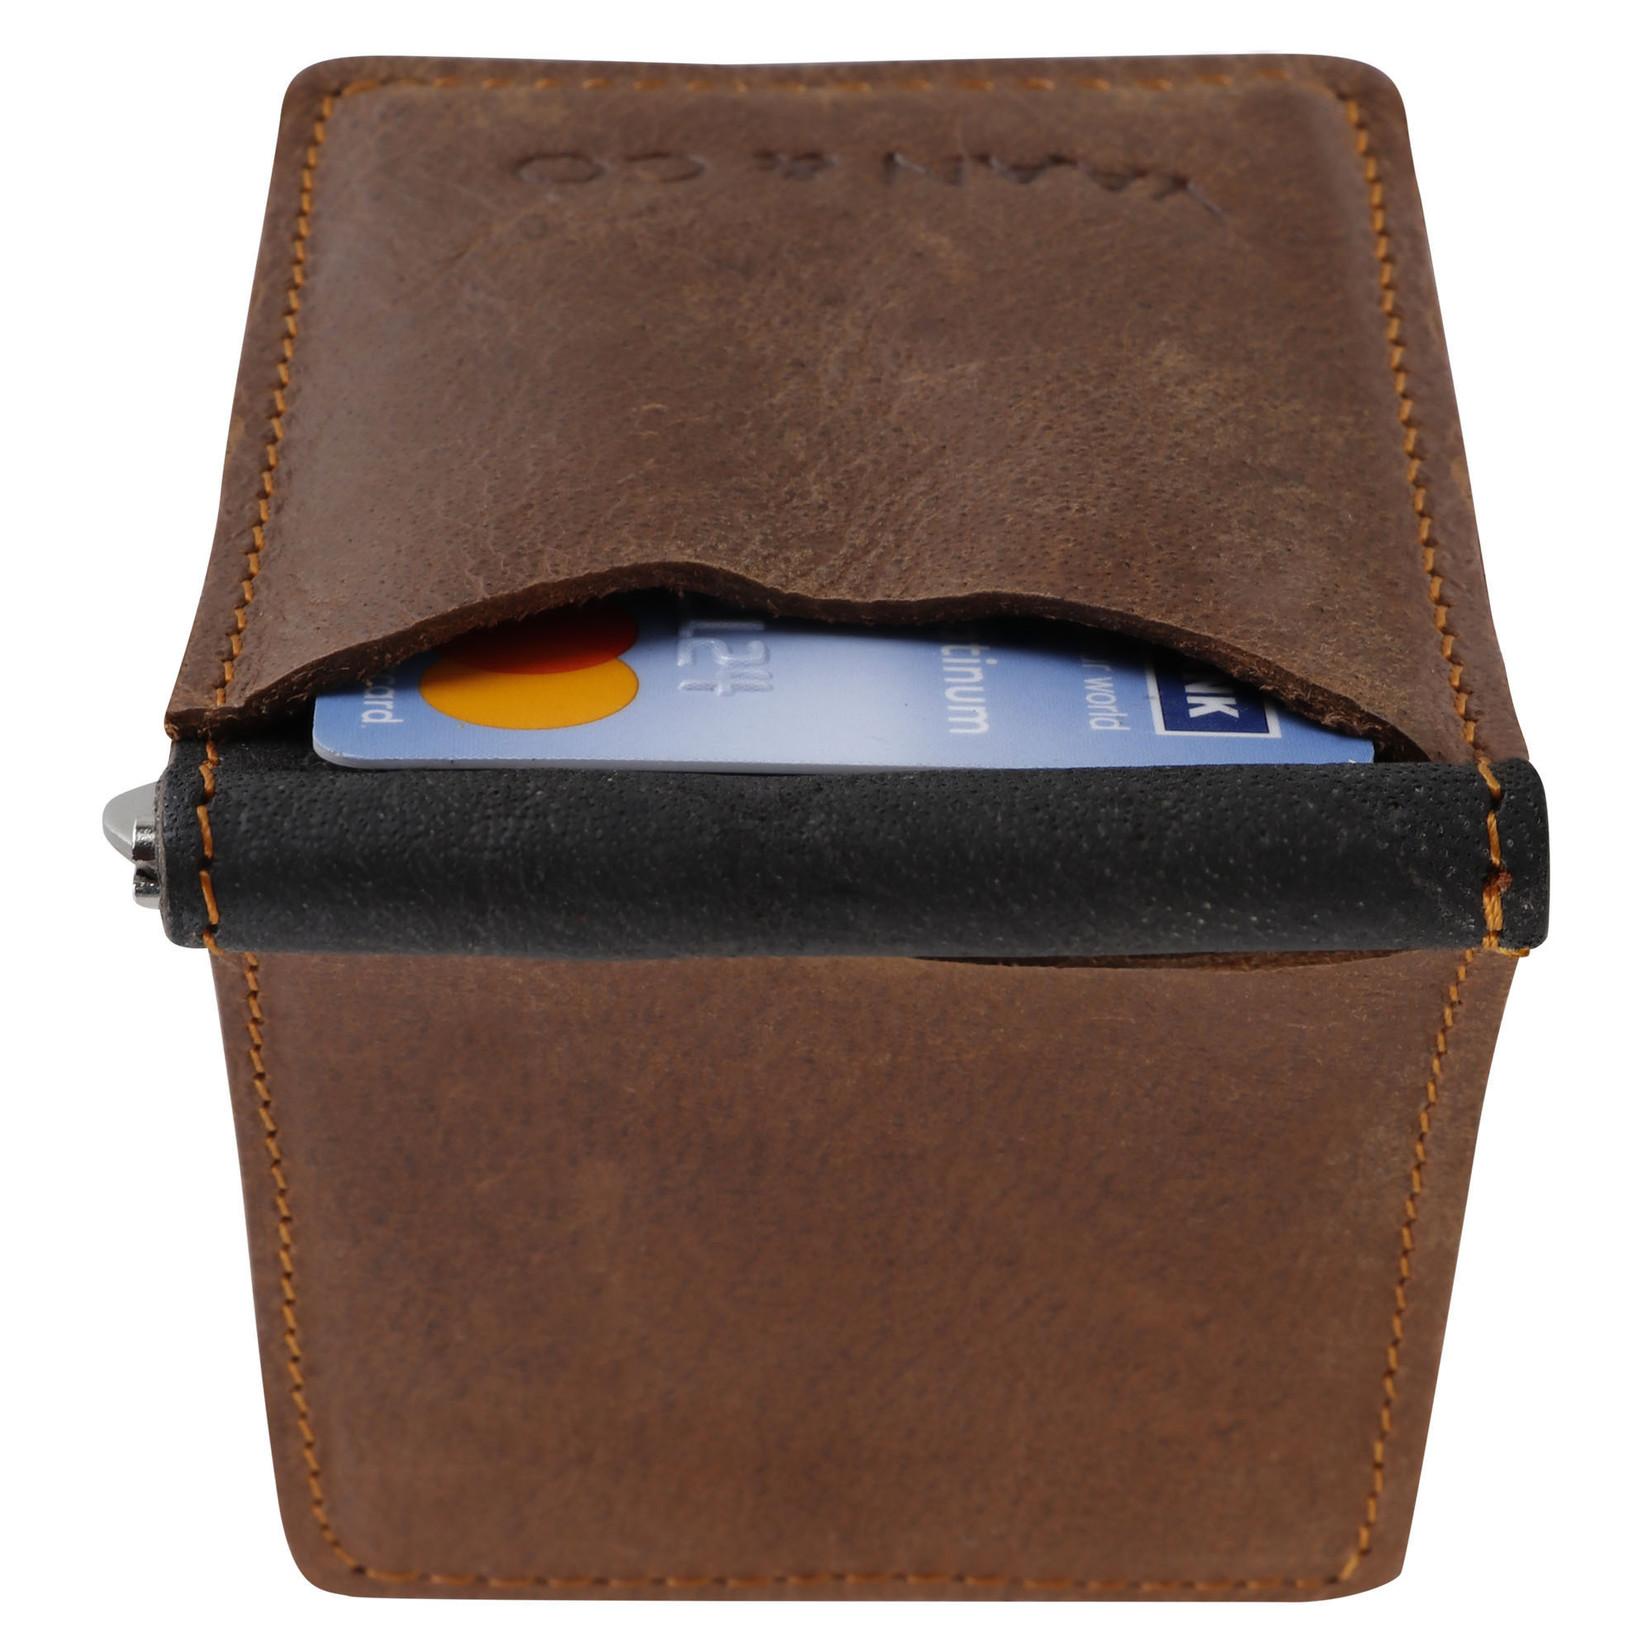 VB26-P7 RFID Money Clip